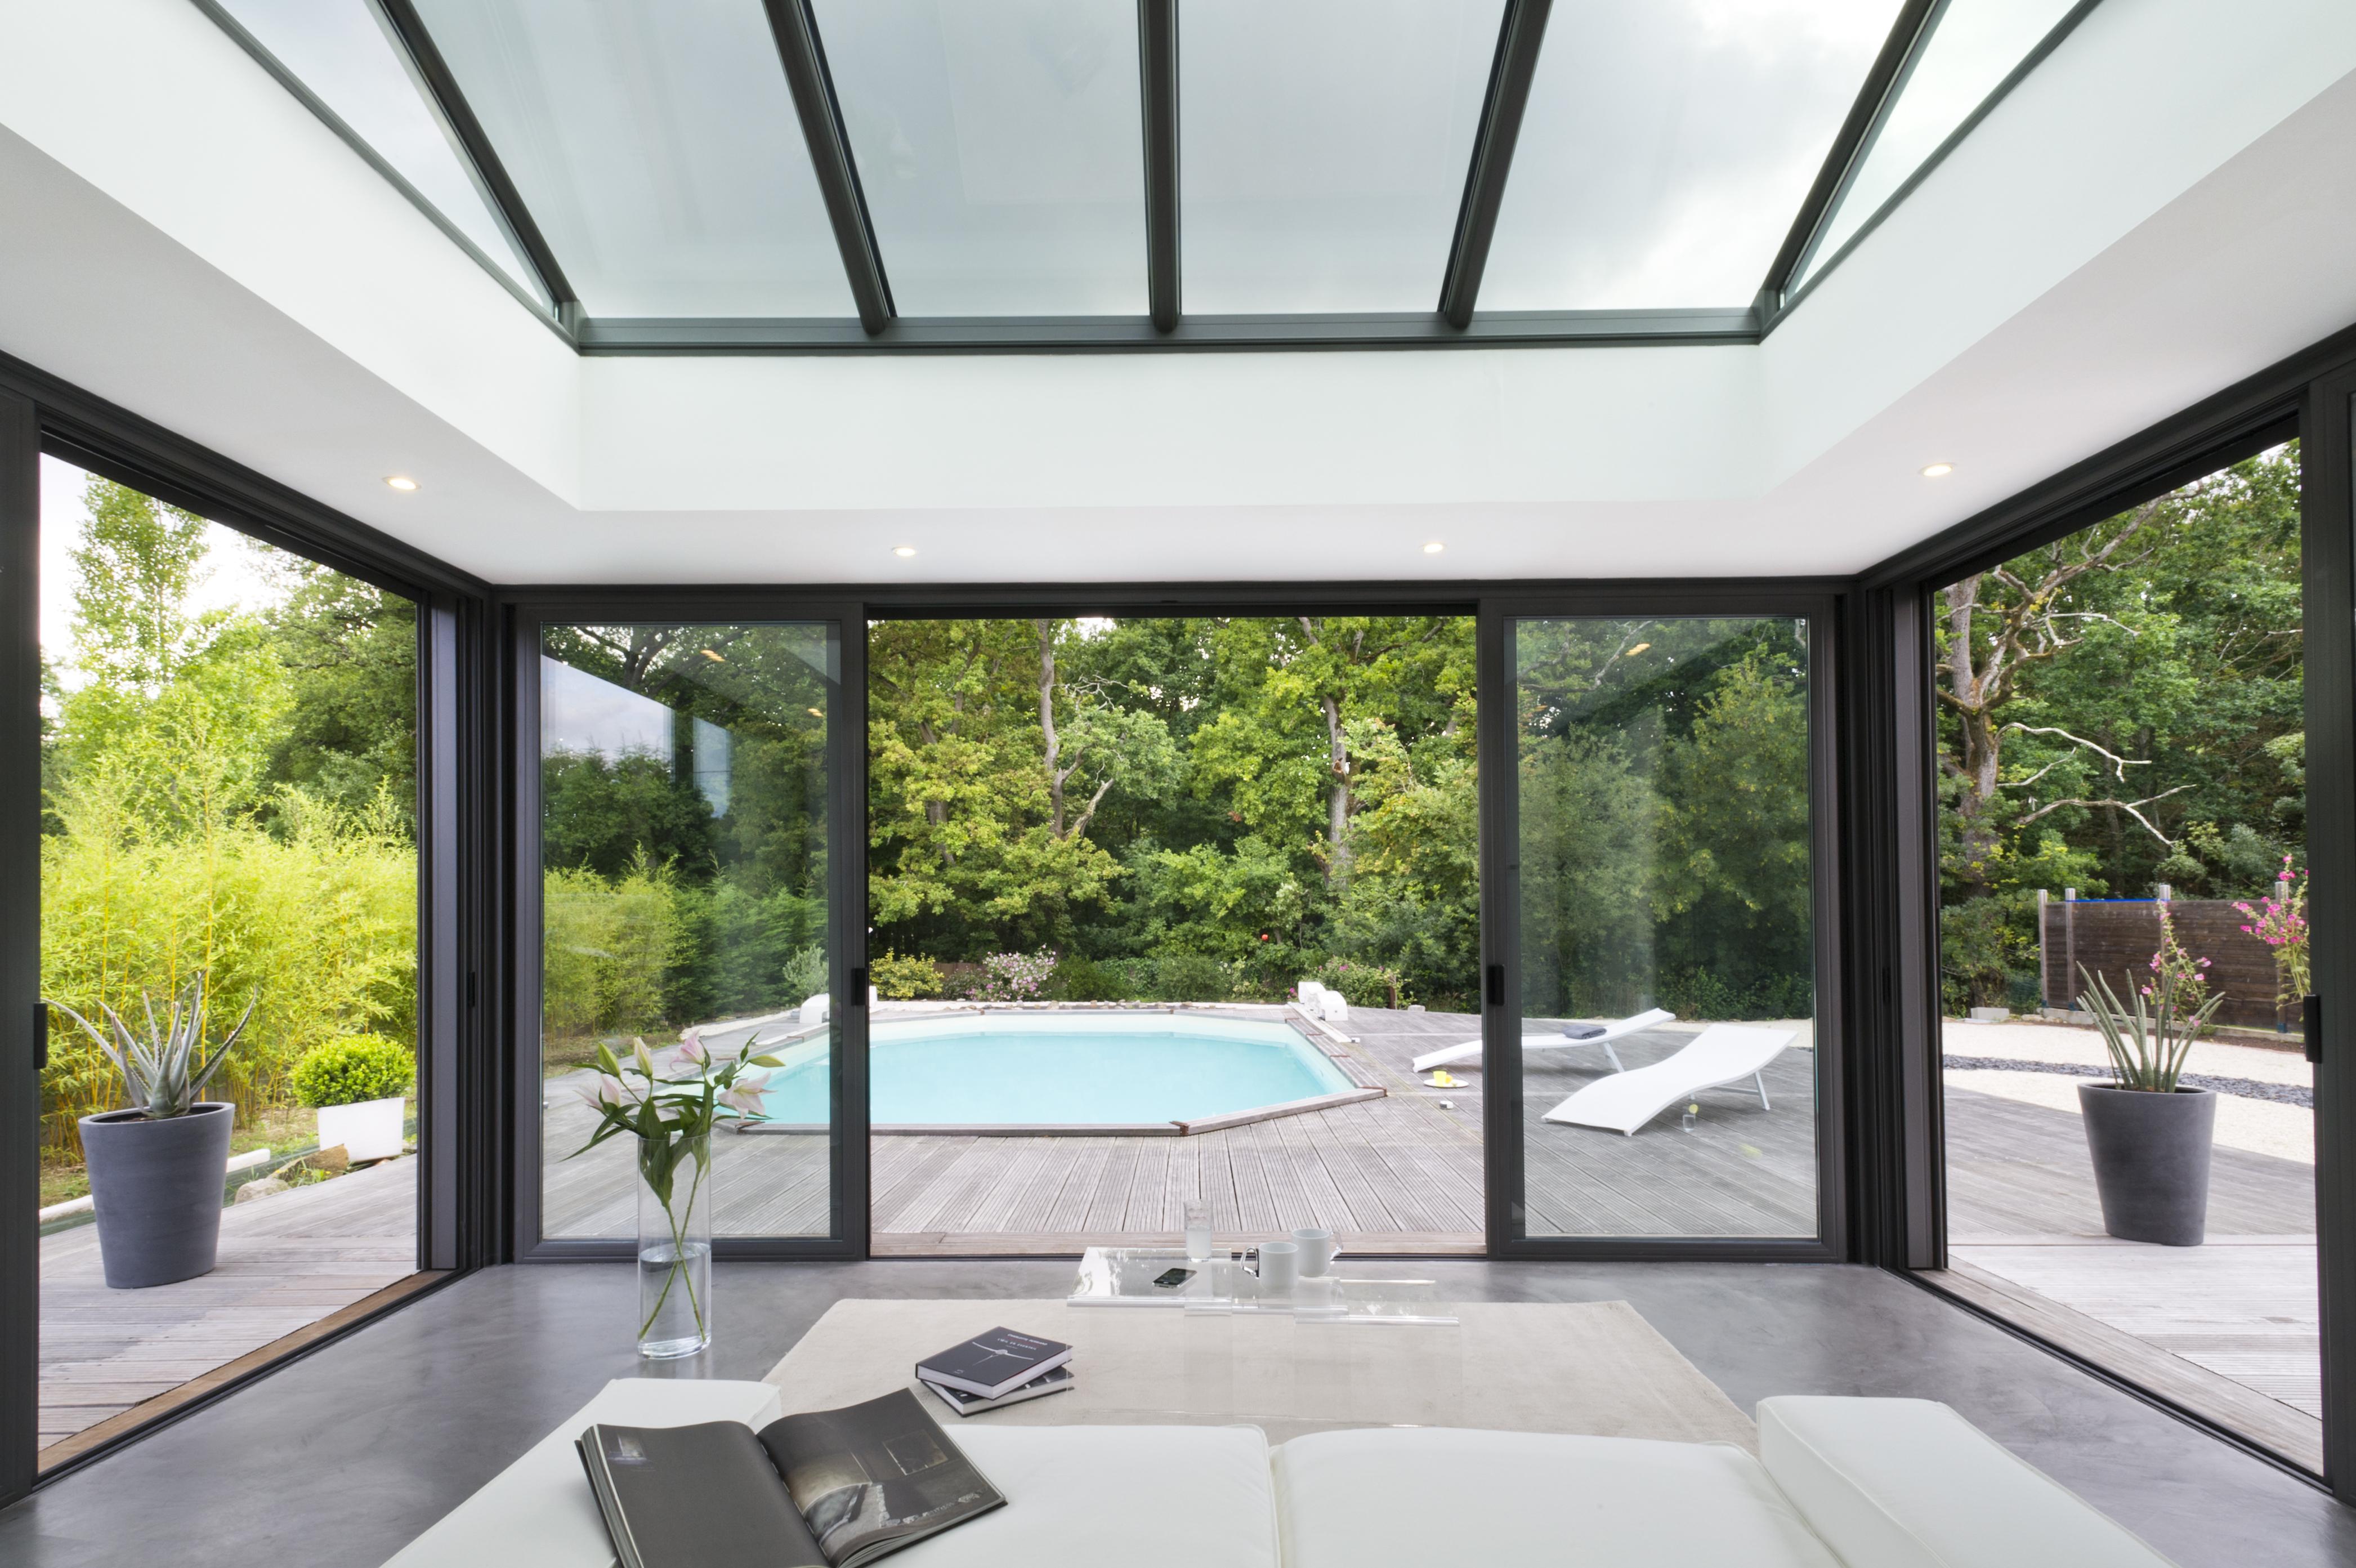 nouveaut s equip baie 2016 vitrage lectrochrome. Black Bedroom Furniture Sets. Home Design Ideas